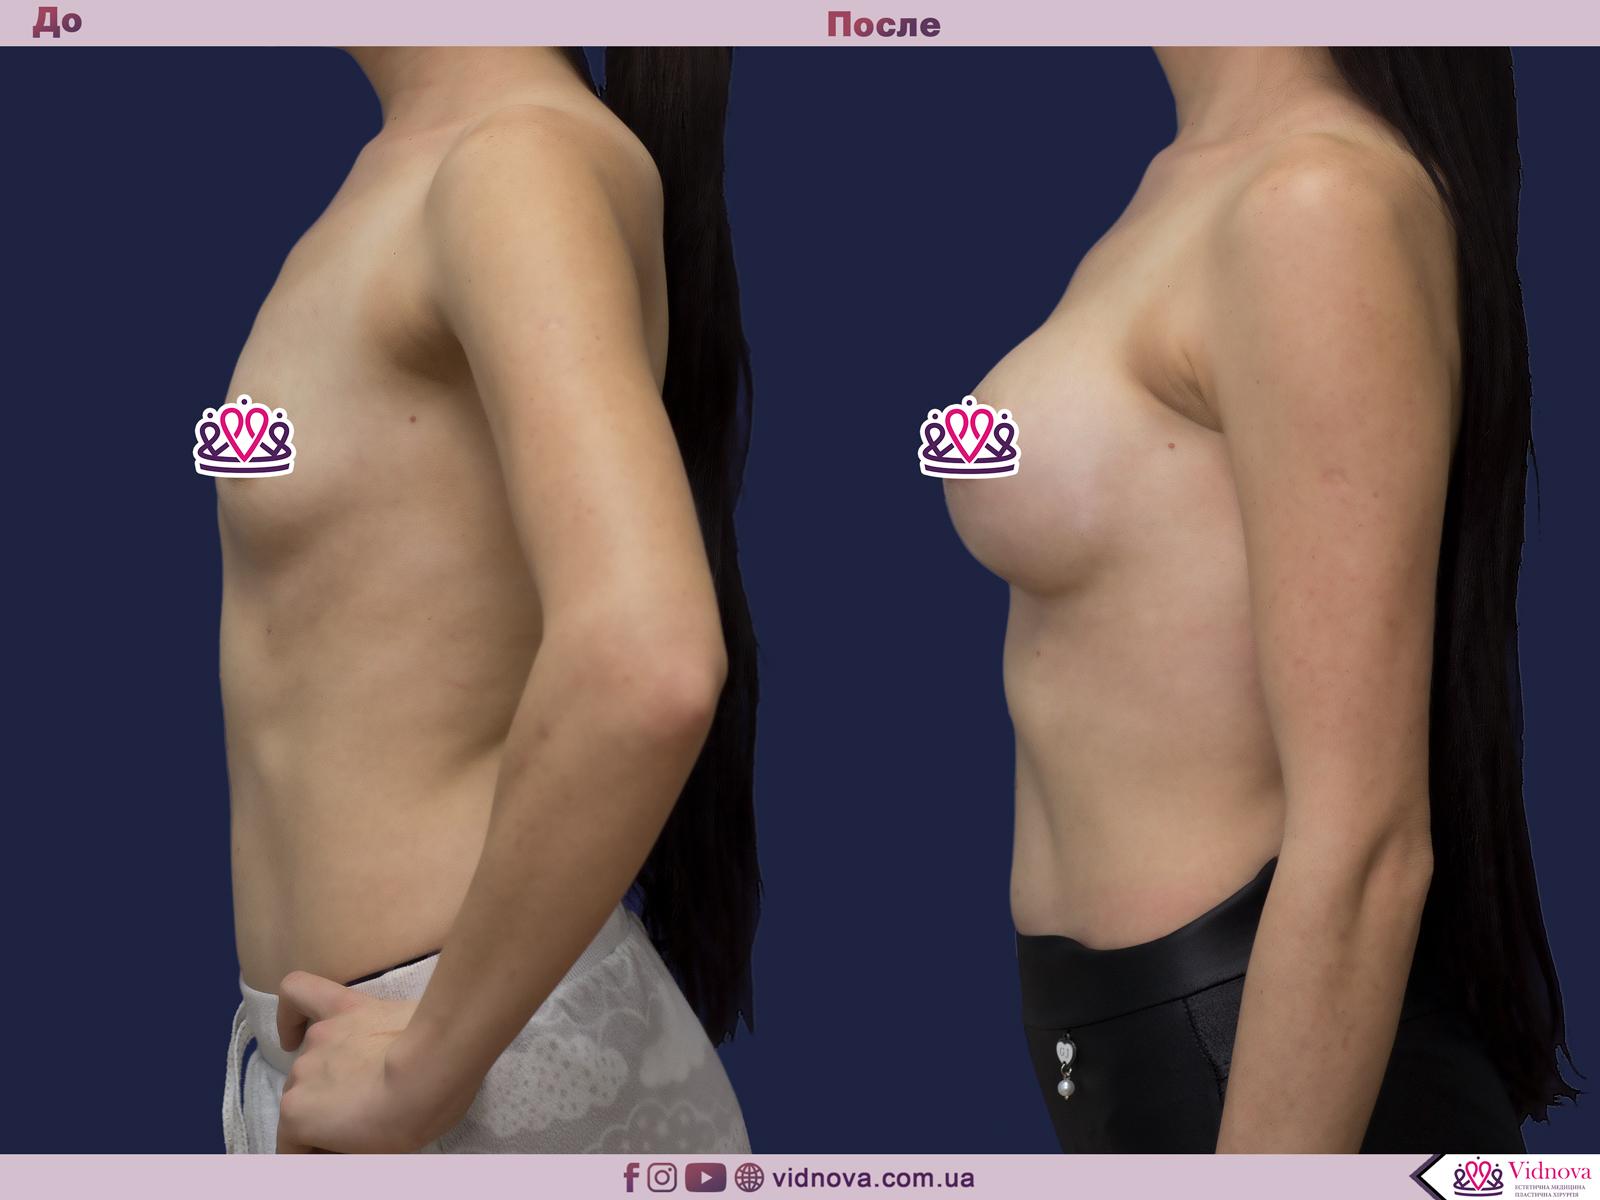 Пластика груди: результаты до и после - Пример №20-2 - Светлана Работенко